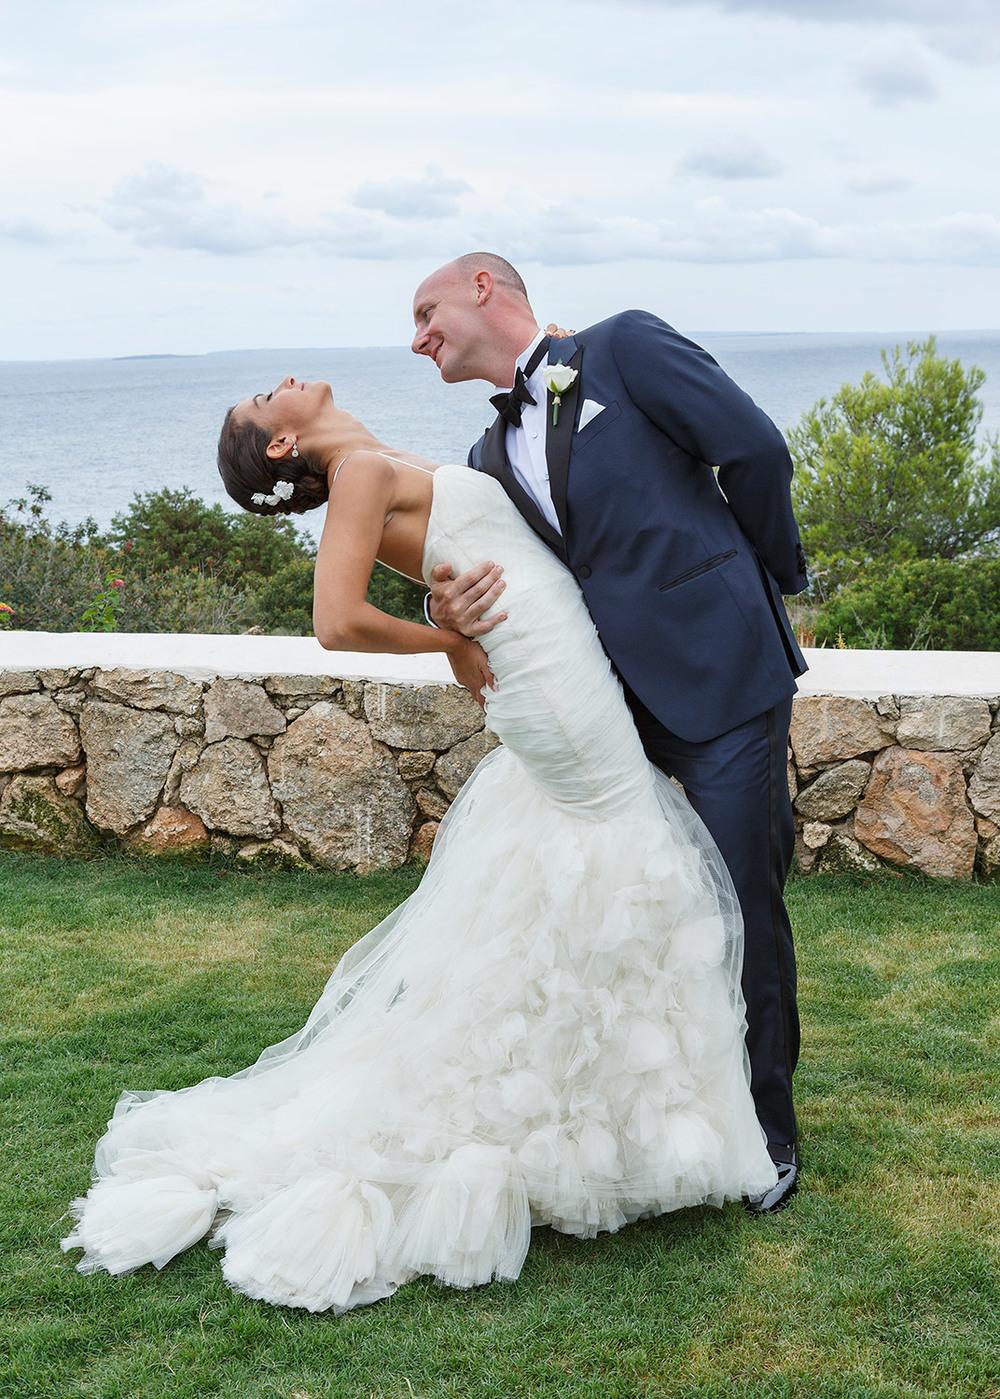 wedding_bodas_nacho_dorado_ibiza_photographer_photography_fotografo_0033.jpg